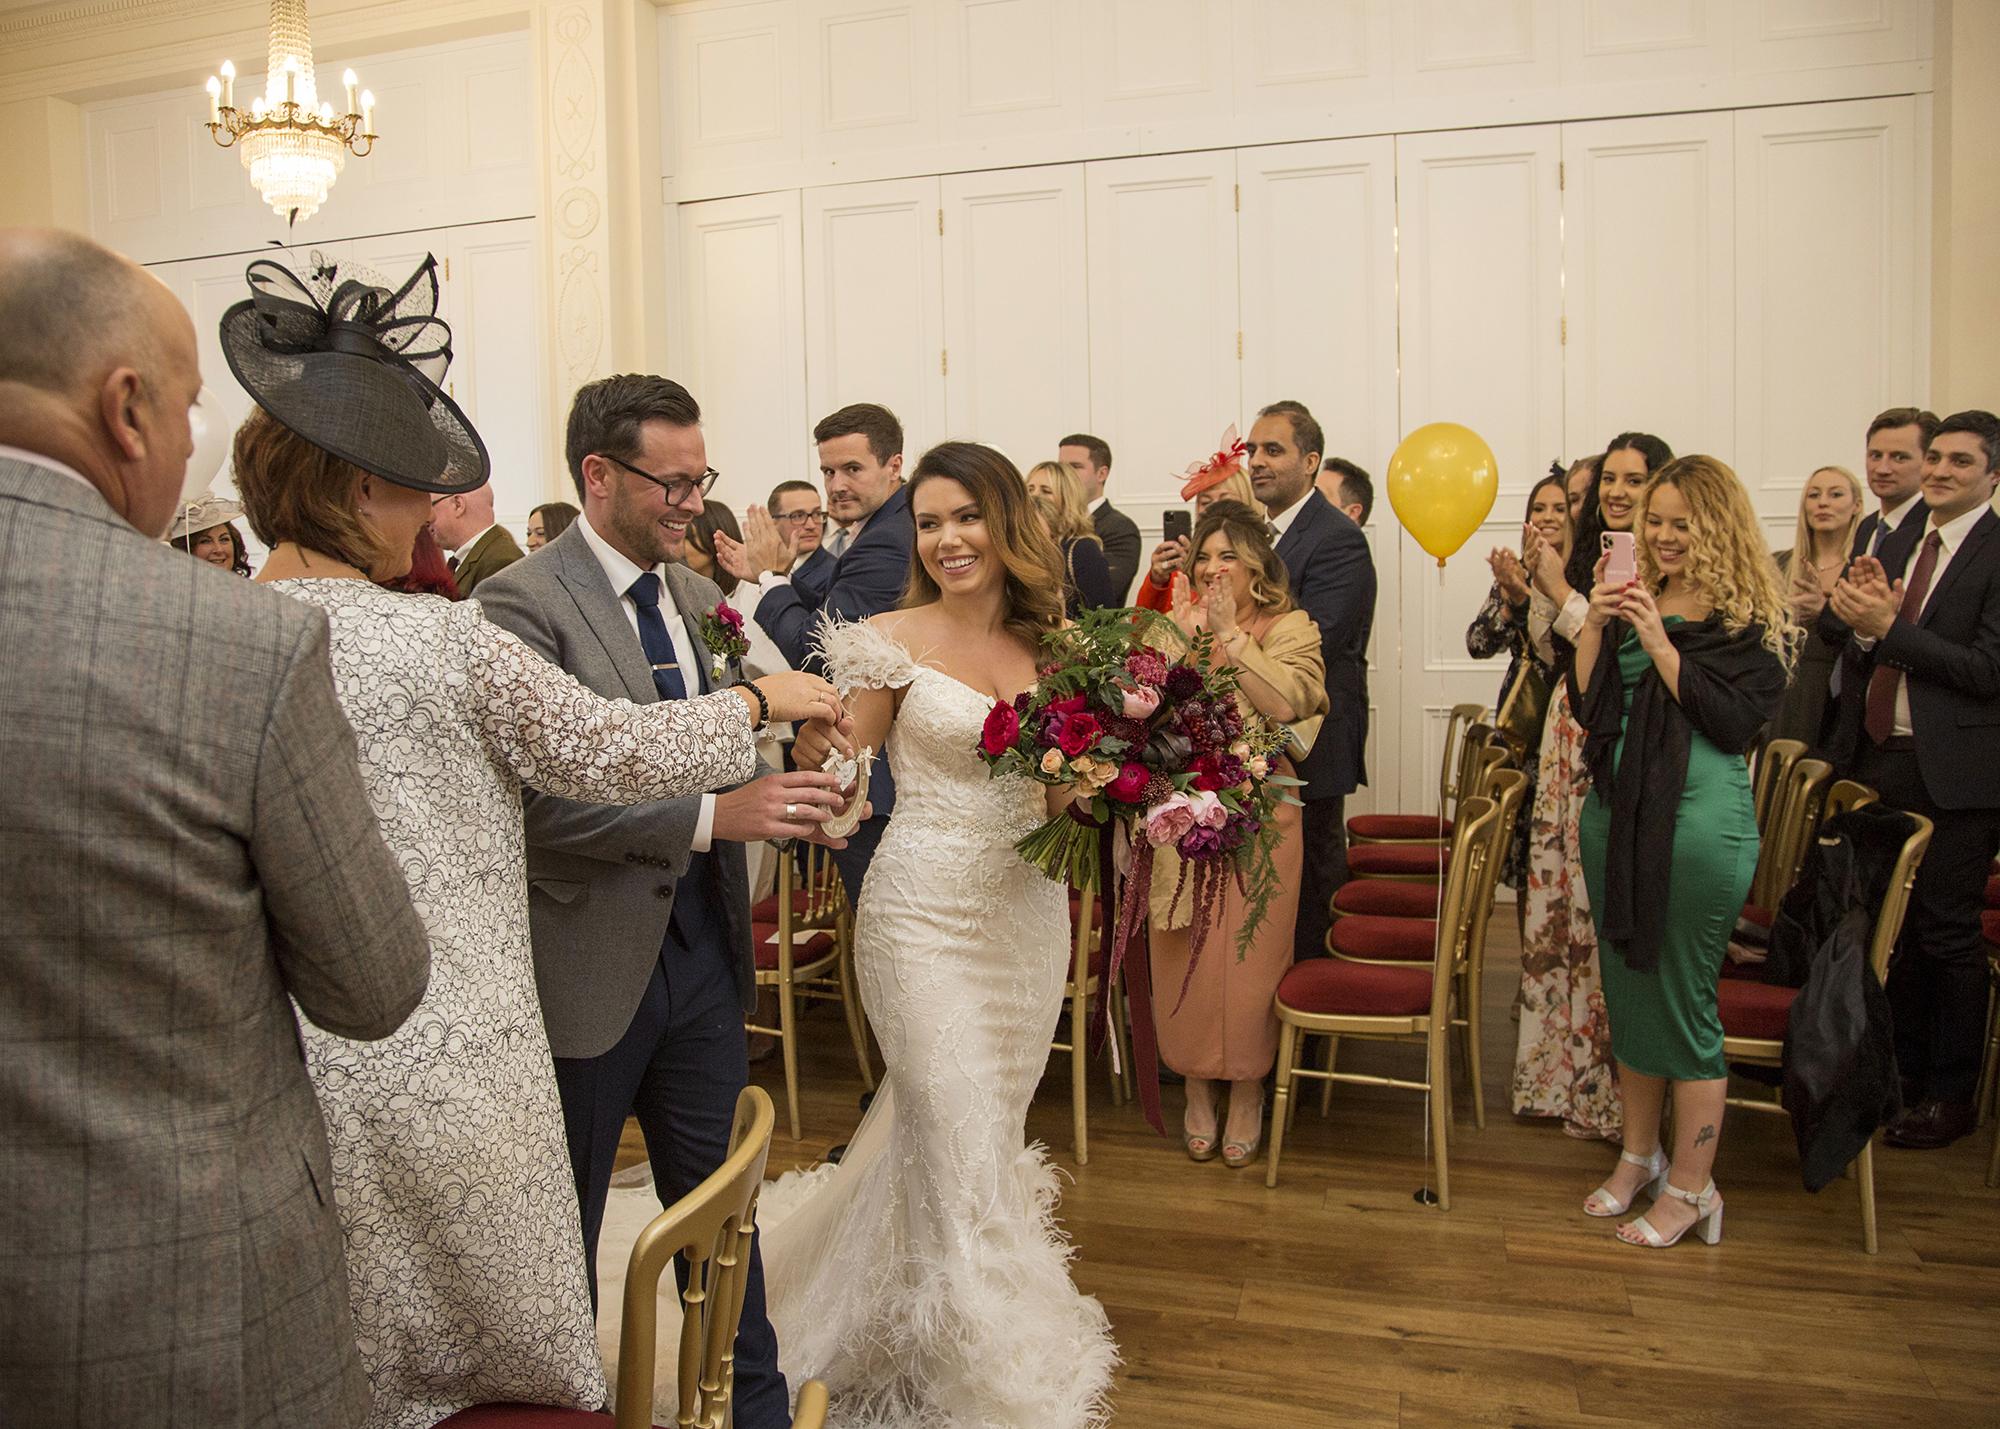 Trafalgar-Tavern-Greenwich-Wedding-Charlott-King-Photography (149)